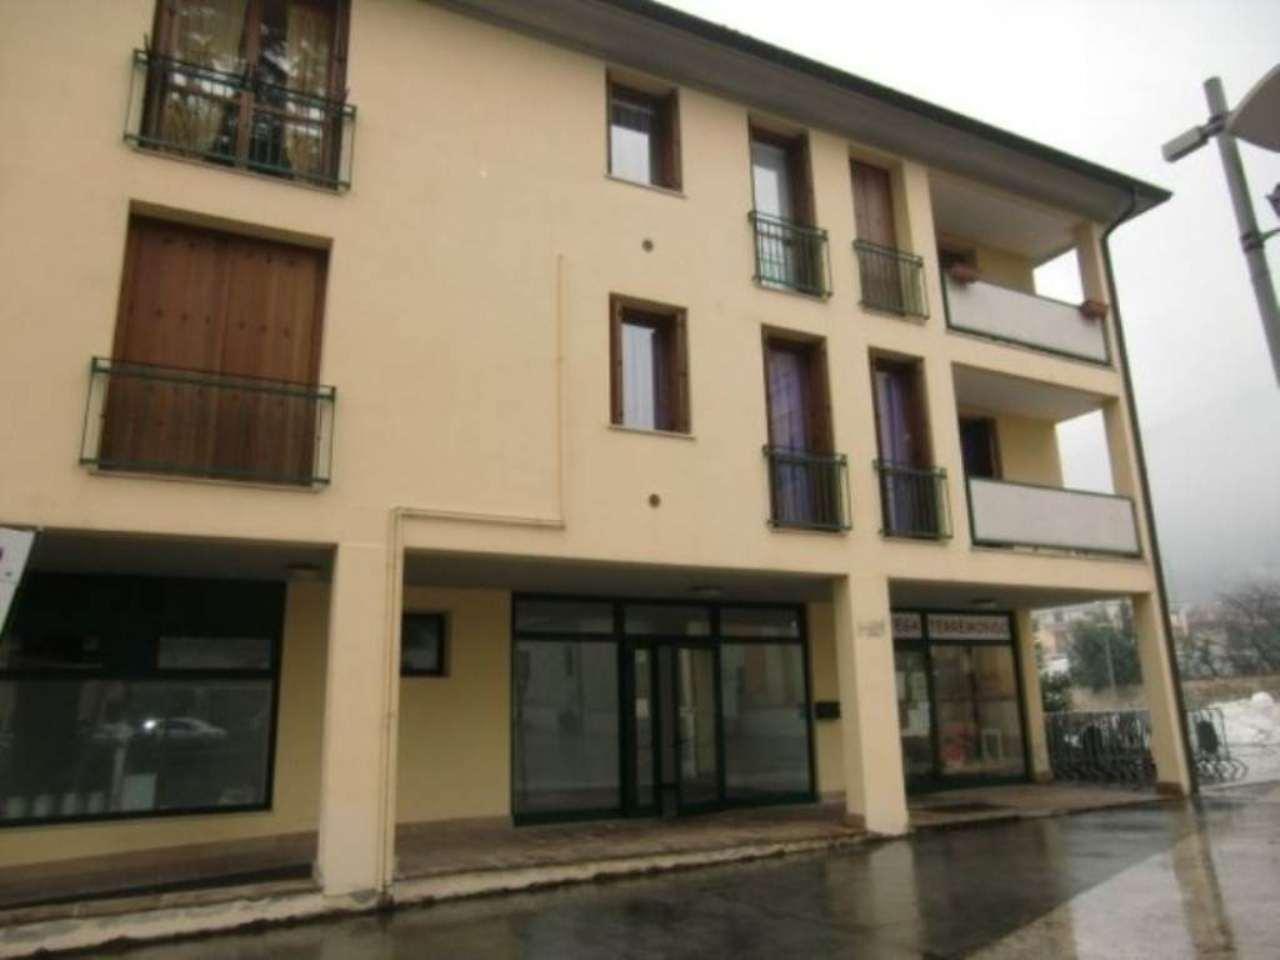 Negozio / Locale in affitto a Bovezzo, 1 locali, prezzo € 450 | Cambio Casa.it